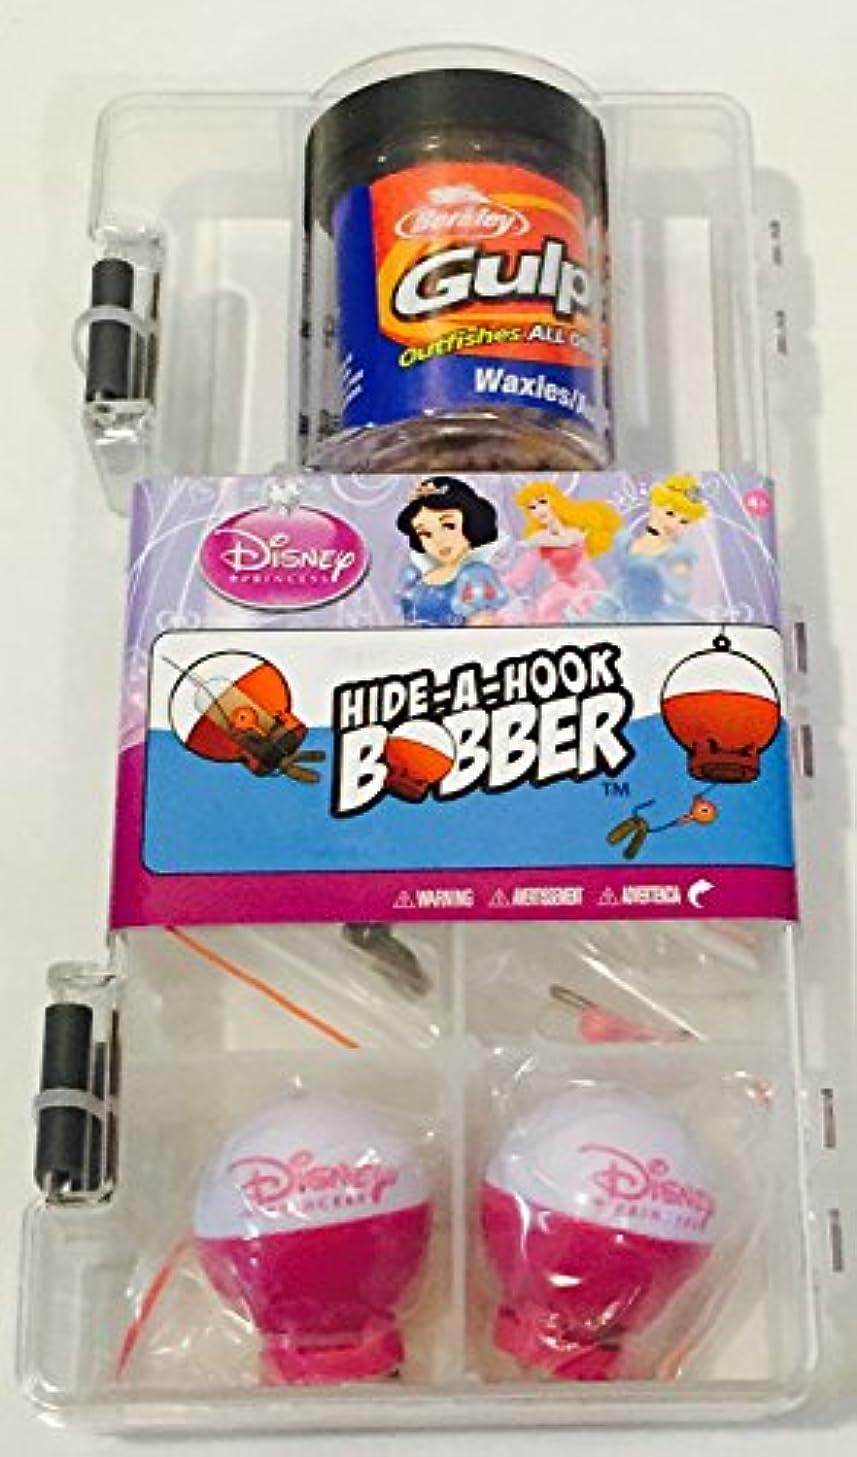 シェア振り子映画Shakespeare Disney Princess Hide-A-Hook Bobber Fishing Accessory Kit